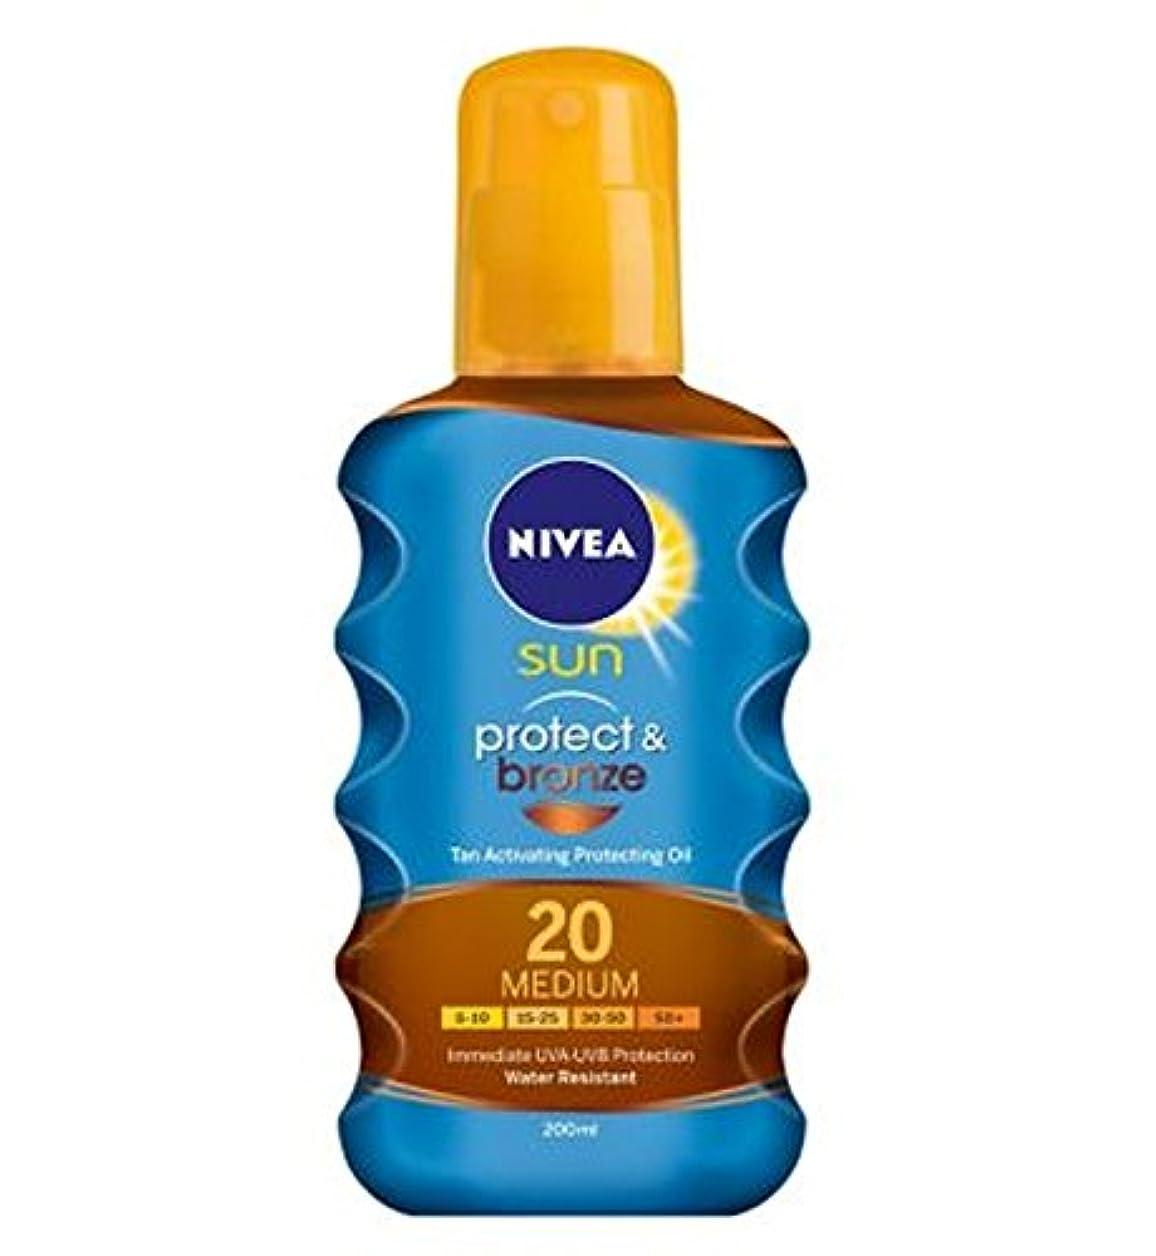 セッティング承認する間に合わせNIVEA SUN Protect & Bronze Tan Activating Protecting Oil 20 Medium 200ml - ニベアの日は、油媒体20 200ミリリットルを保護する日焼け活性化を保護&ブロンズ (Nivea) [並行輸入品]